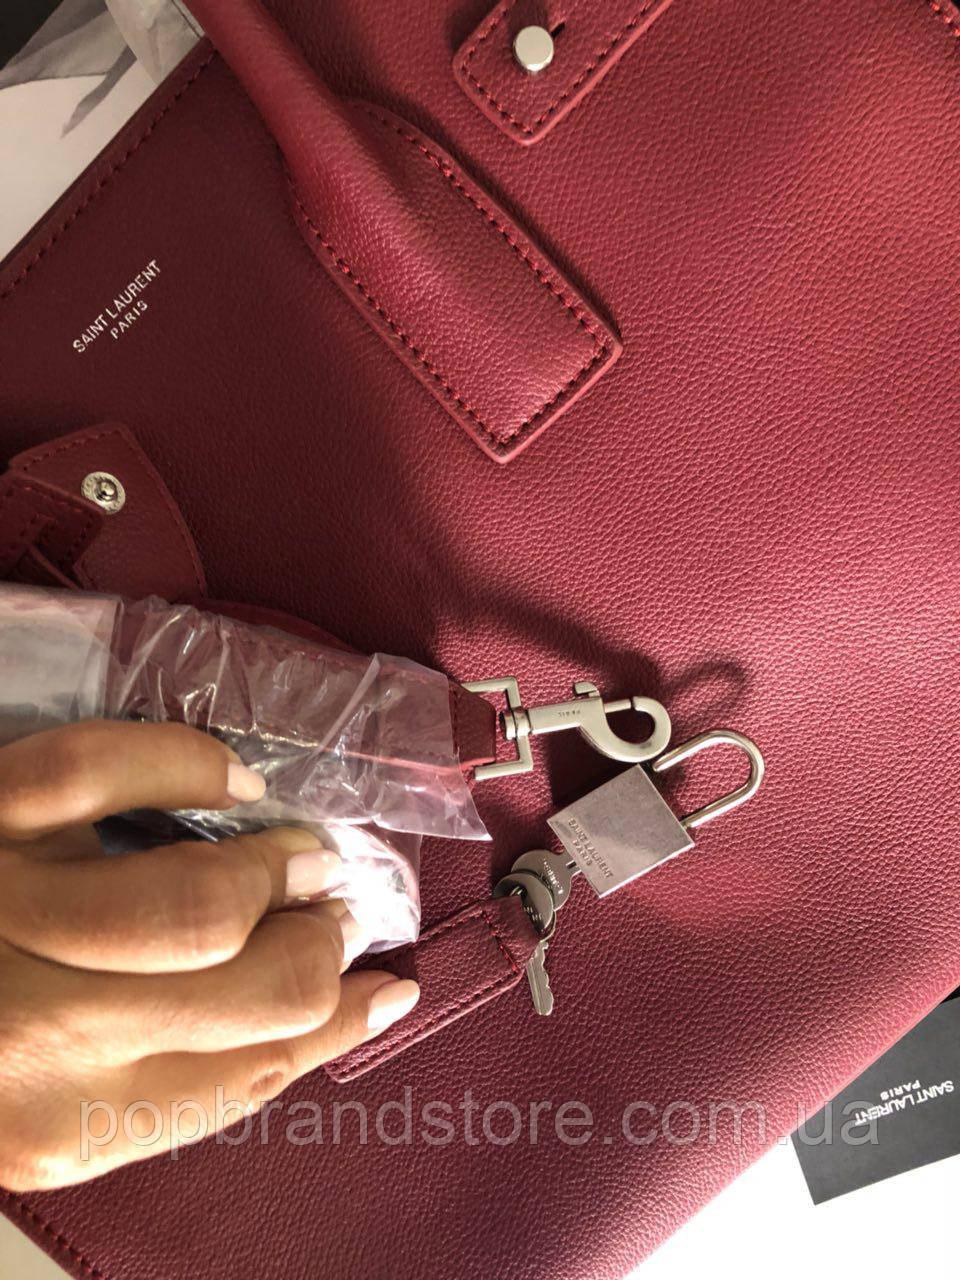 bc5243c951f3 Классическая женская сумка SAINT LAURENT Sac de Jour бордо (реплика), цена  4 000 грн., купить в Киеве — Prom.ua (ID#600448430)